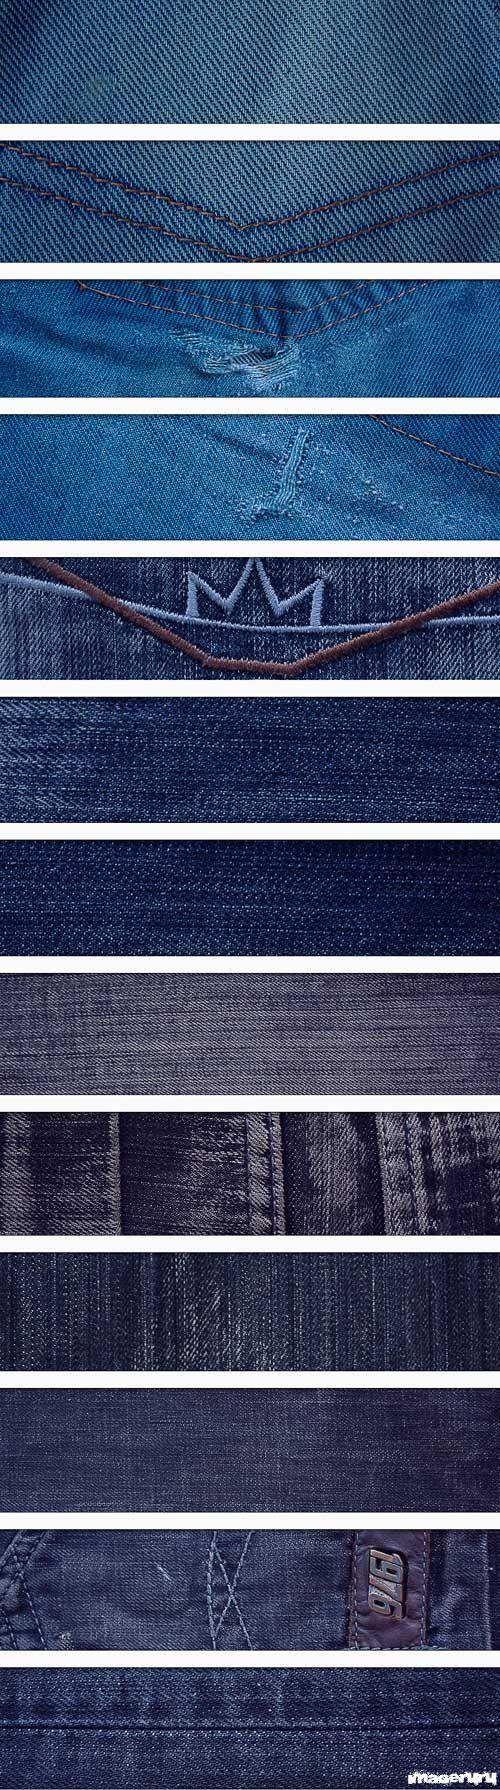 Джинсовые текстуры, часть 1